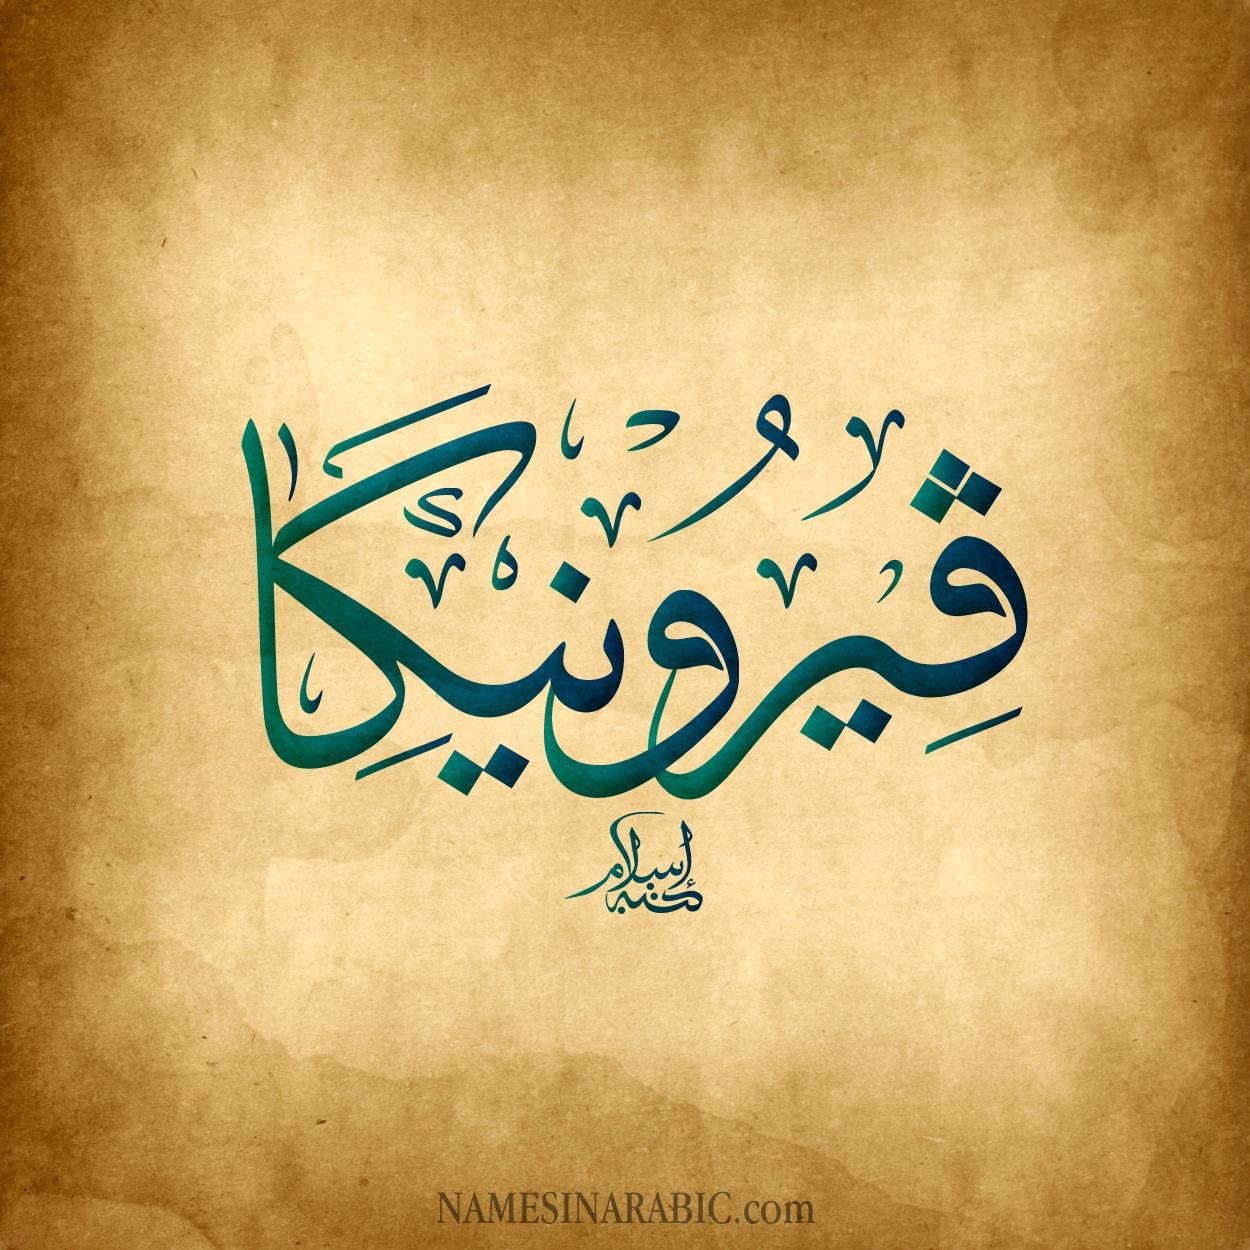 صورة اسم فيرونيكا FIRONIKA اسم فيرونيكا بالخط العربي من موقع الأسماء بالخط العربي بريشة الفنان إسلام ابن الفضل